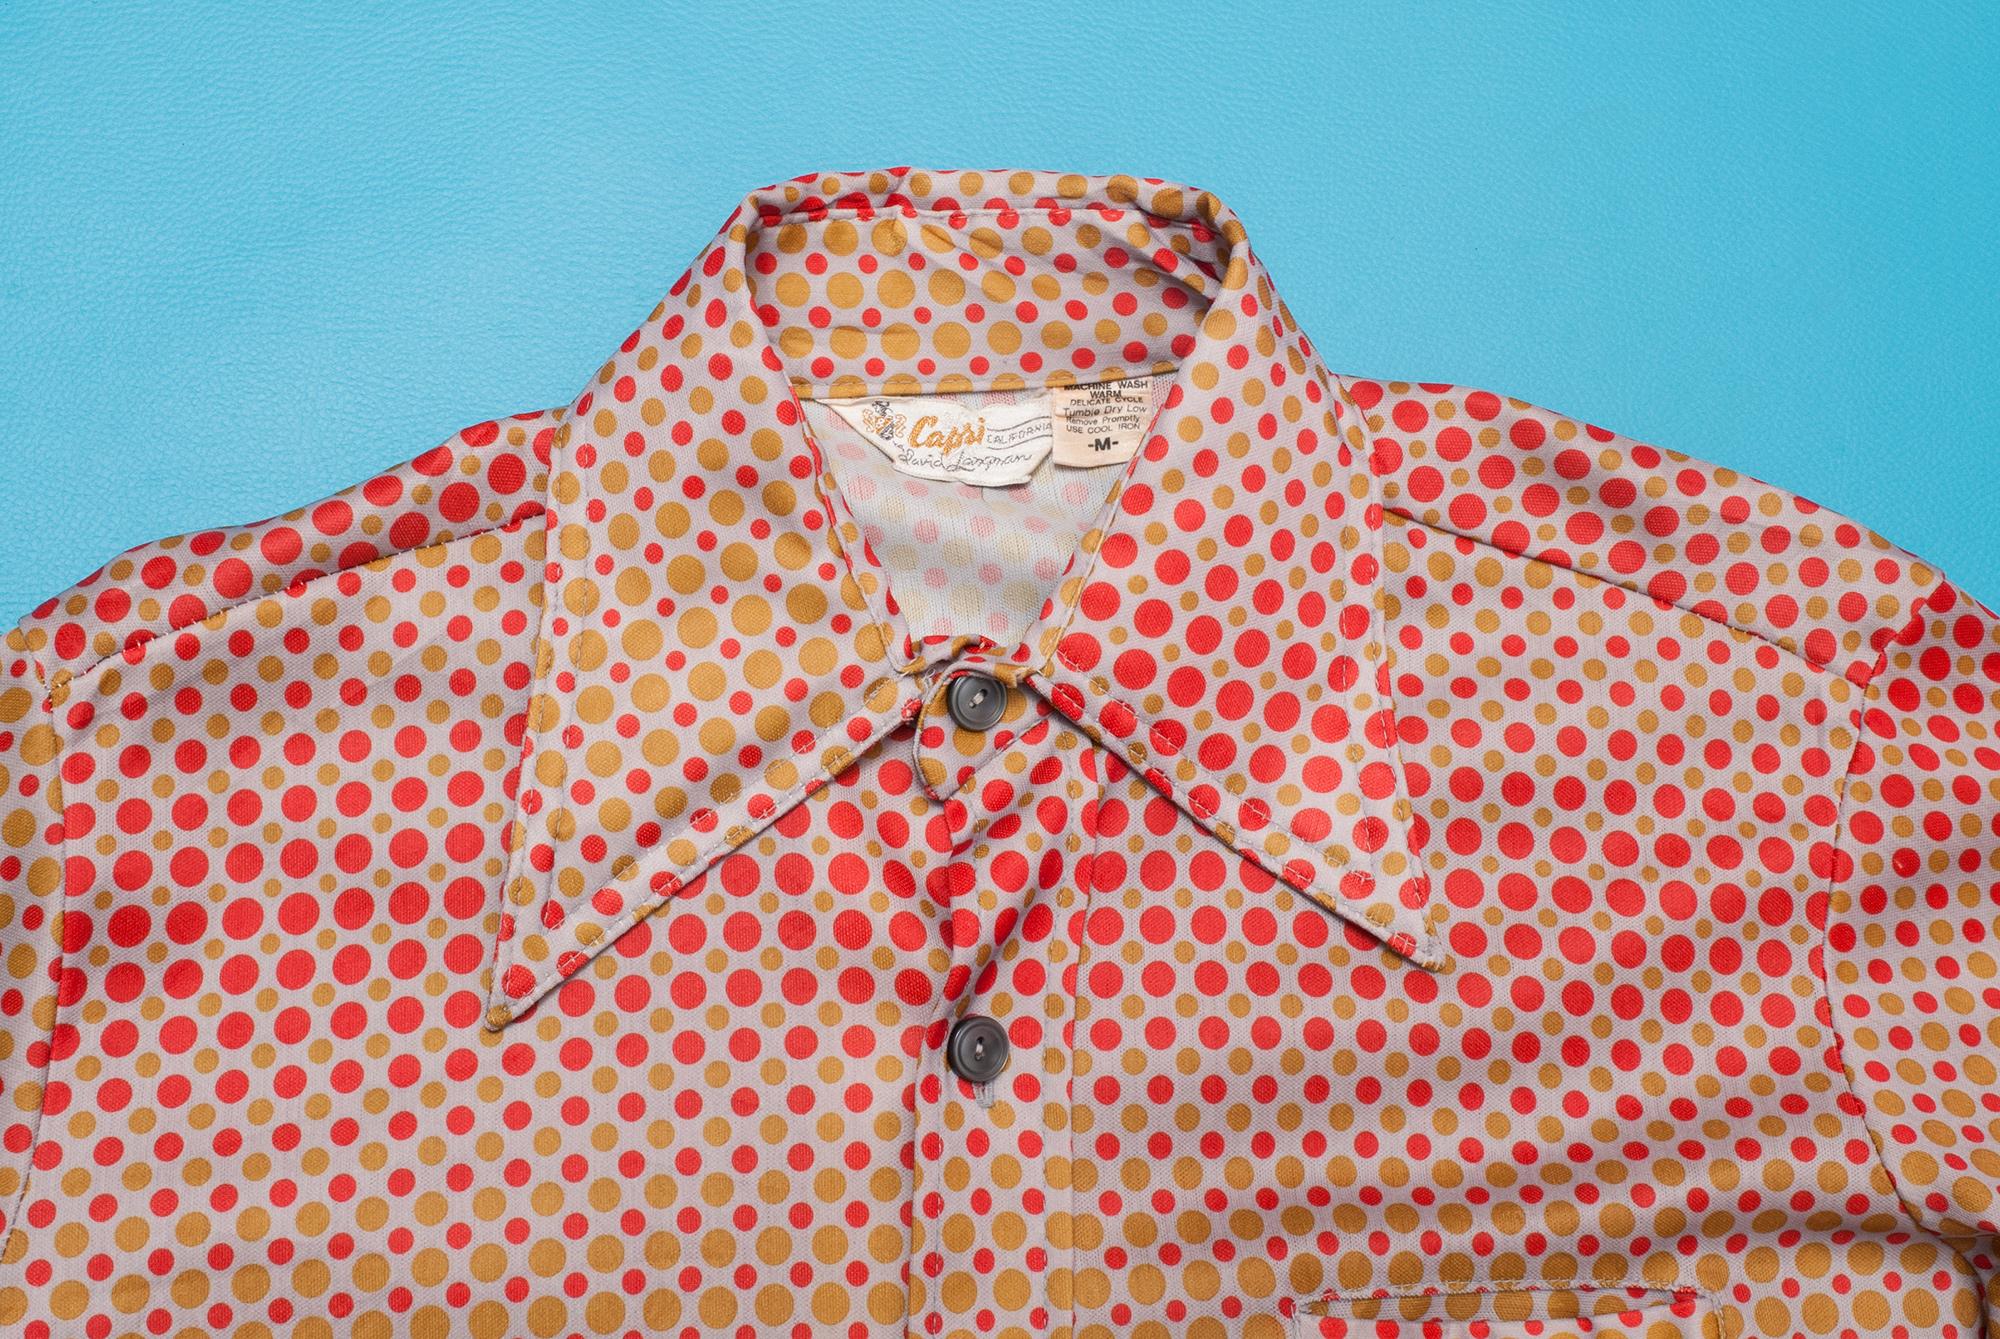 70's Groovy Disco Shirt